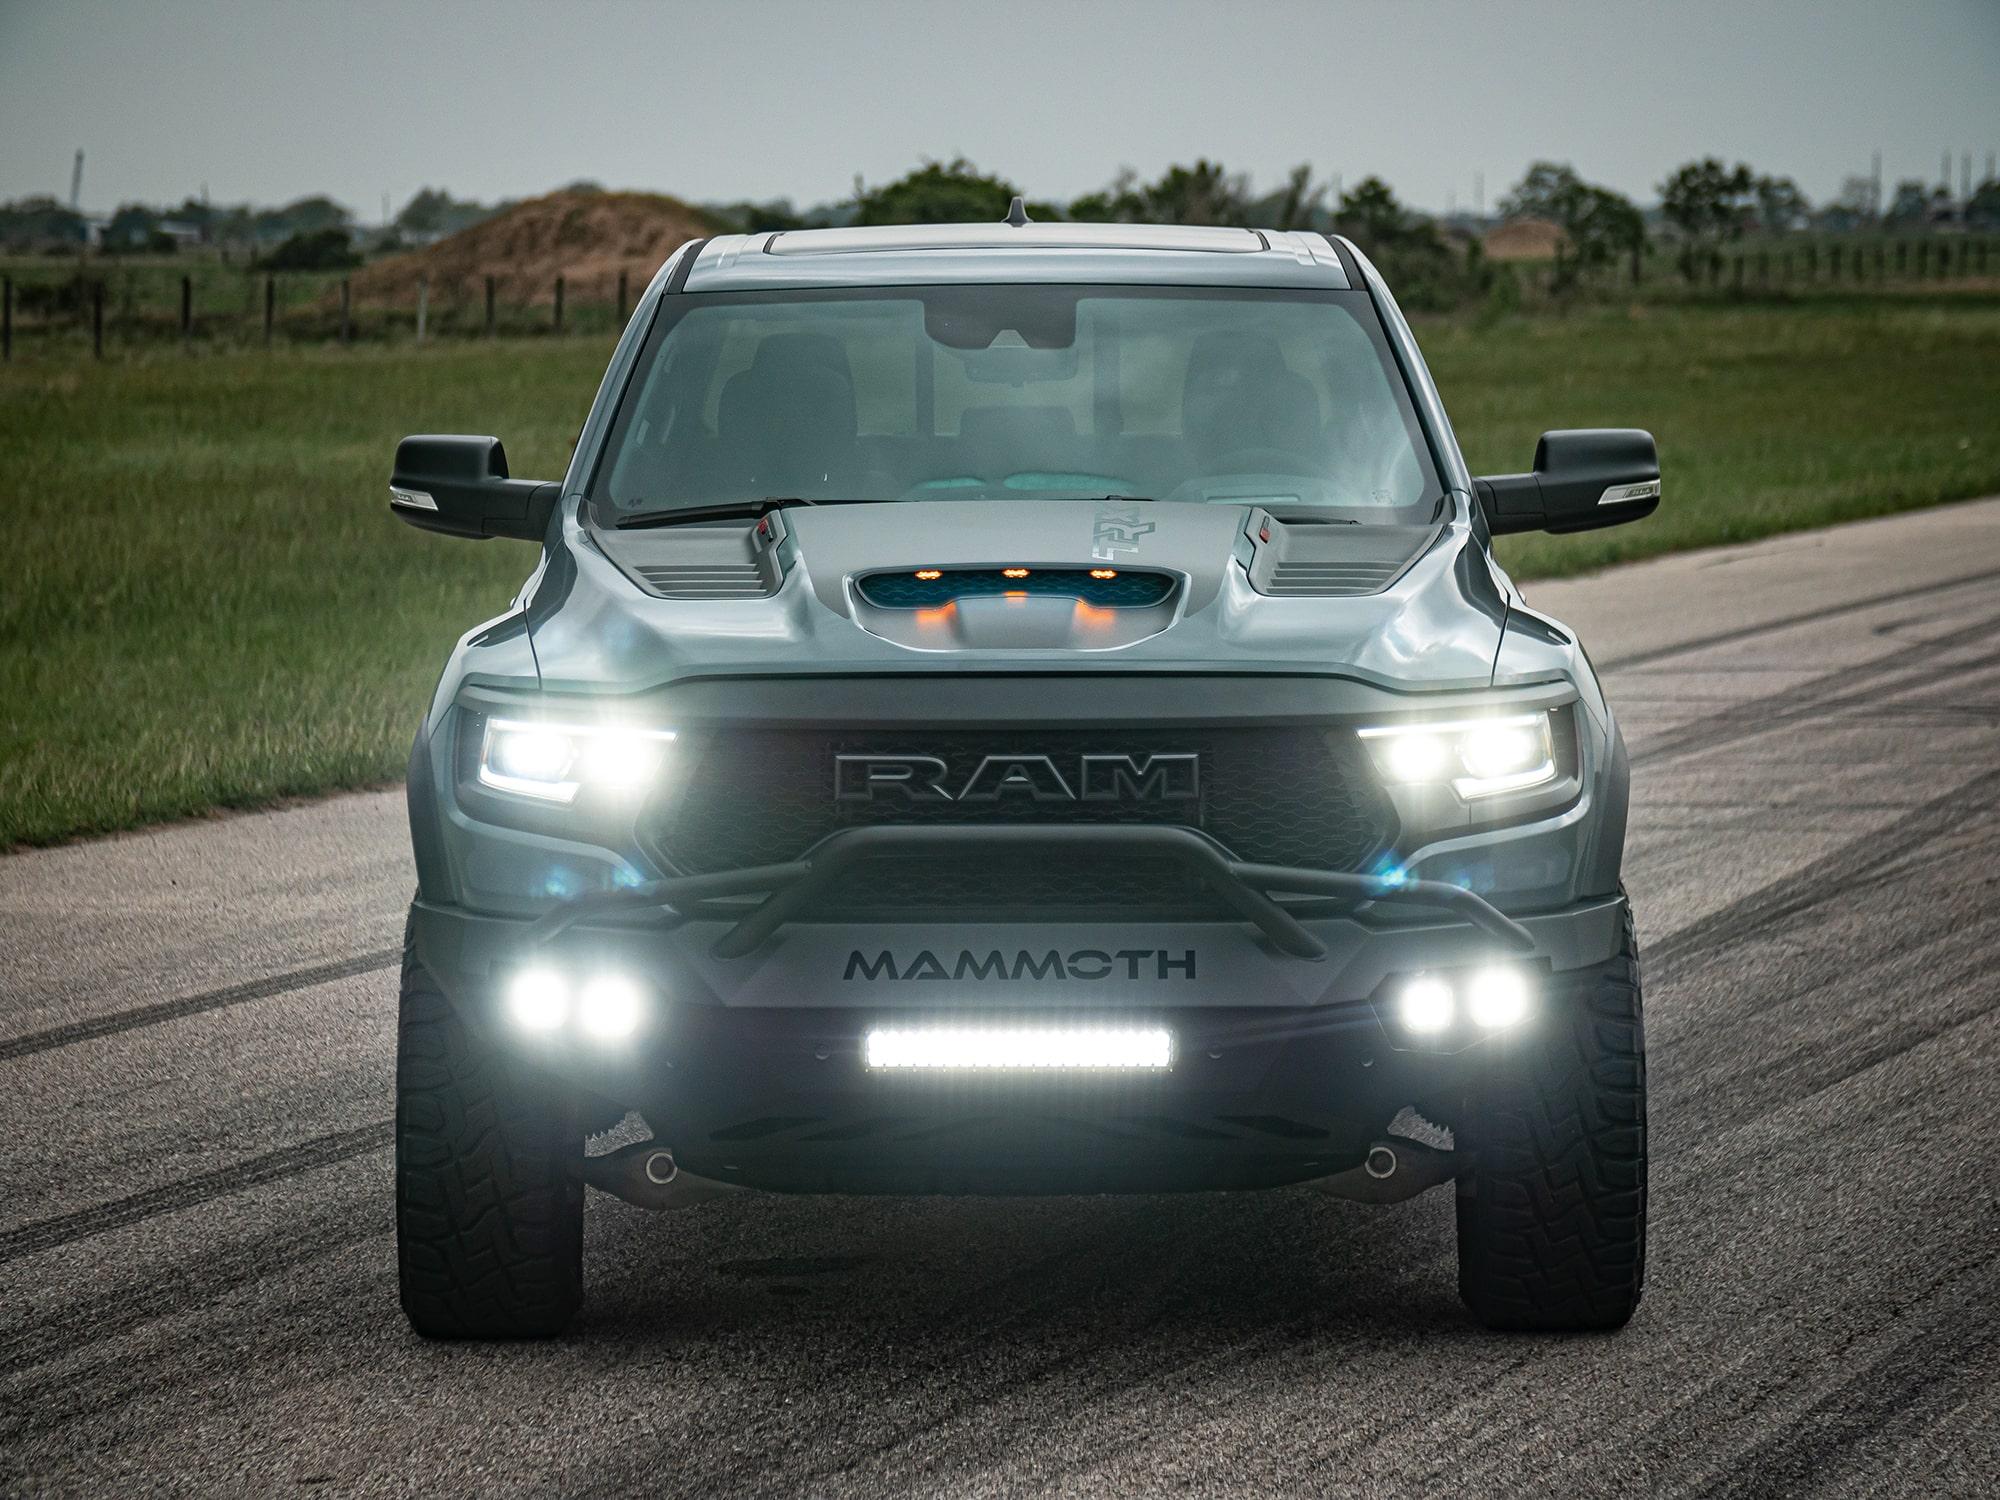 Le RAM 1500 TRX Mammoth, un look à faire tourner des têtes ! Source: http://hennesseyperformance.com/vehicles/dodge/ram-1500-trx/